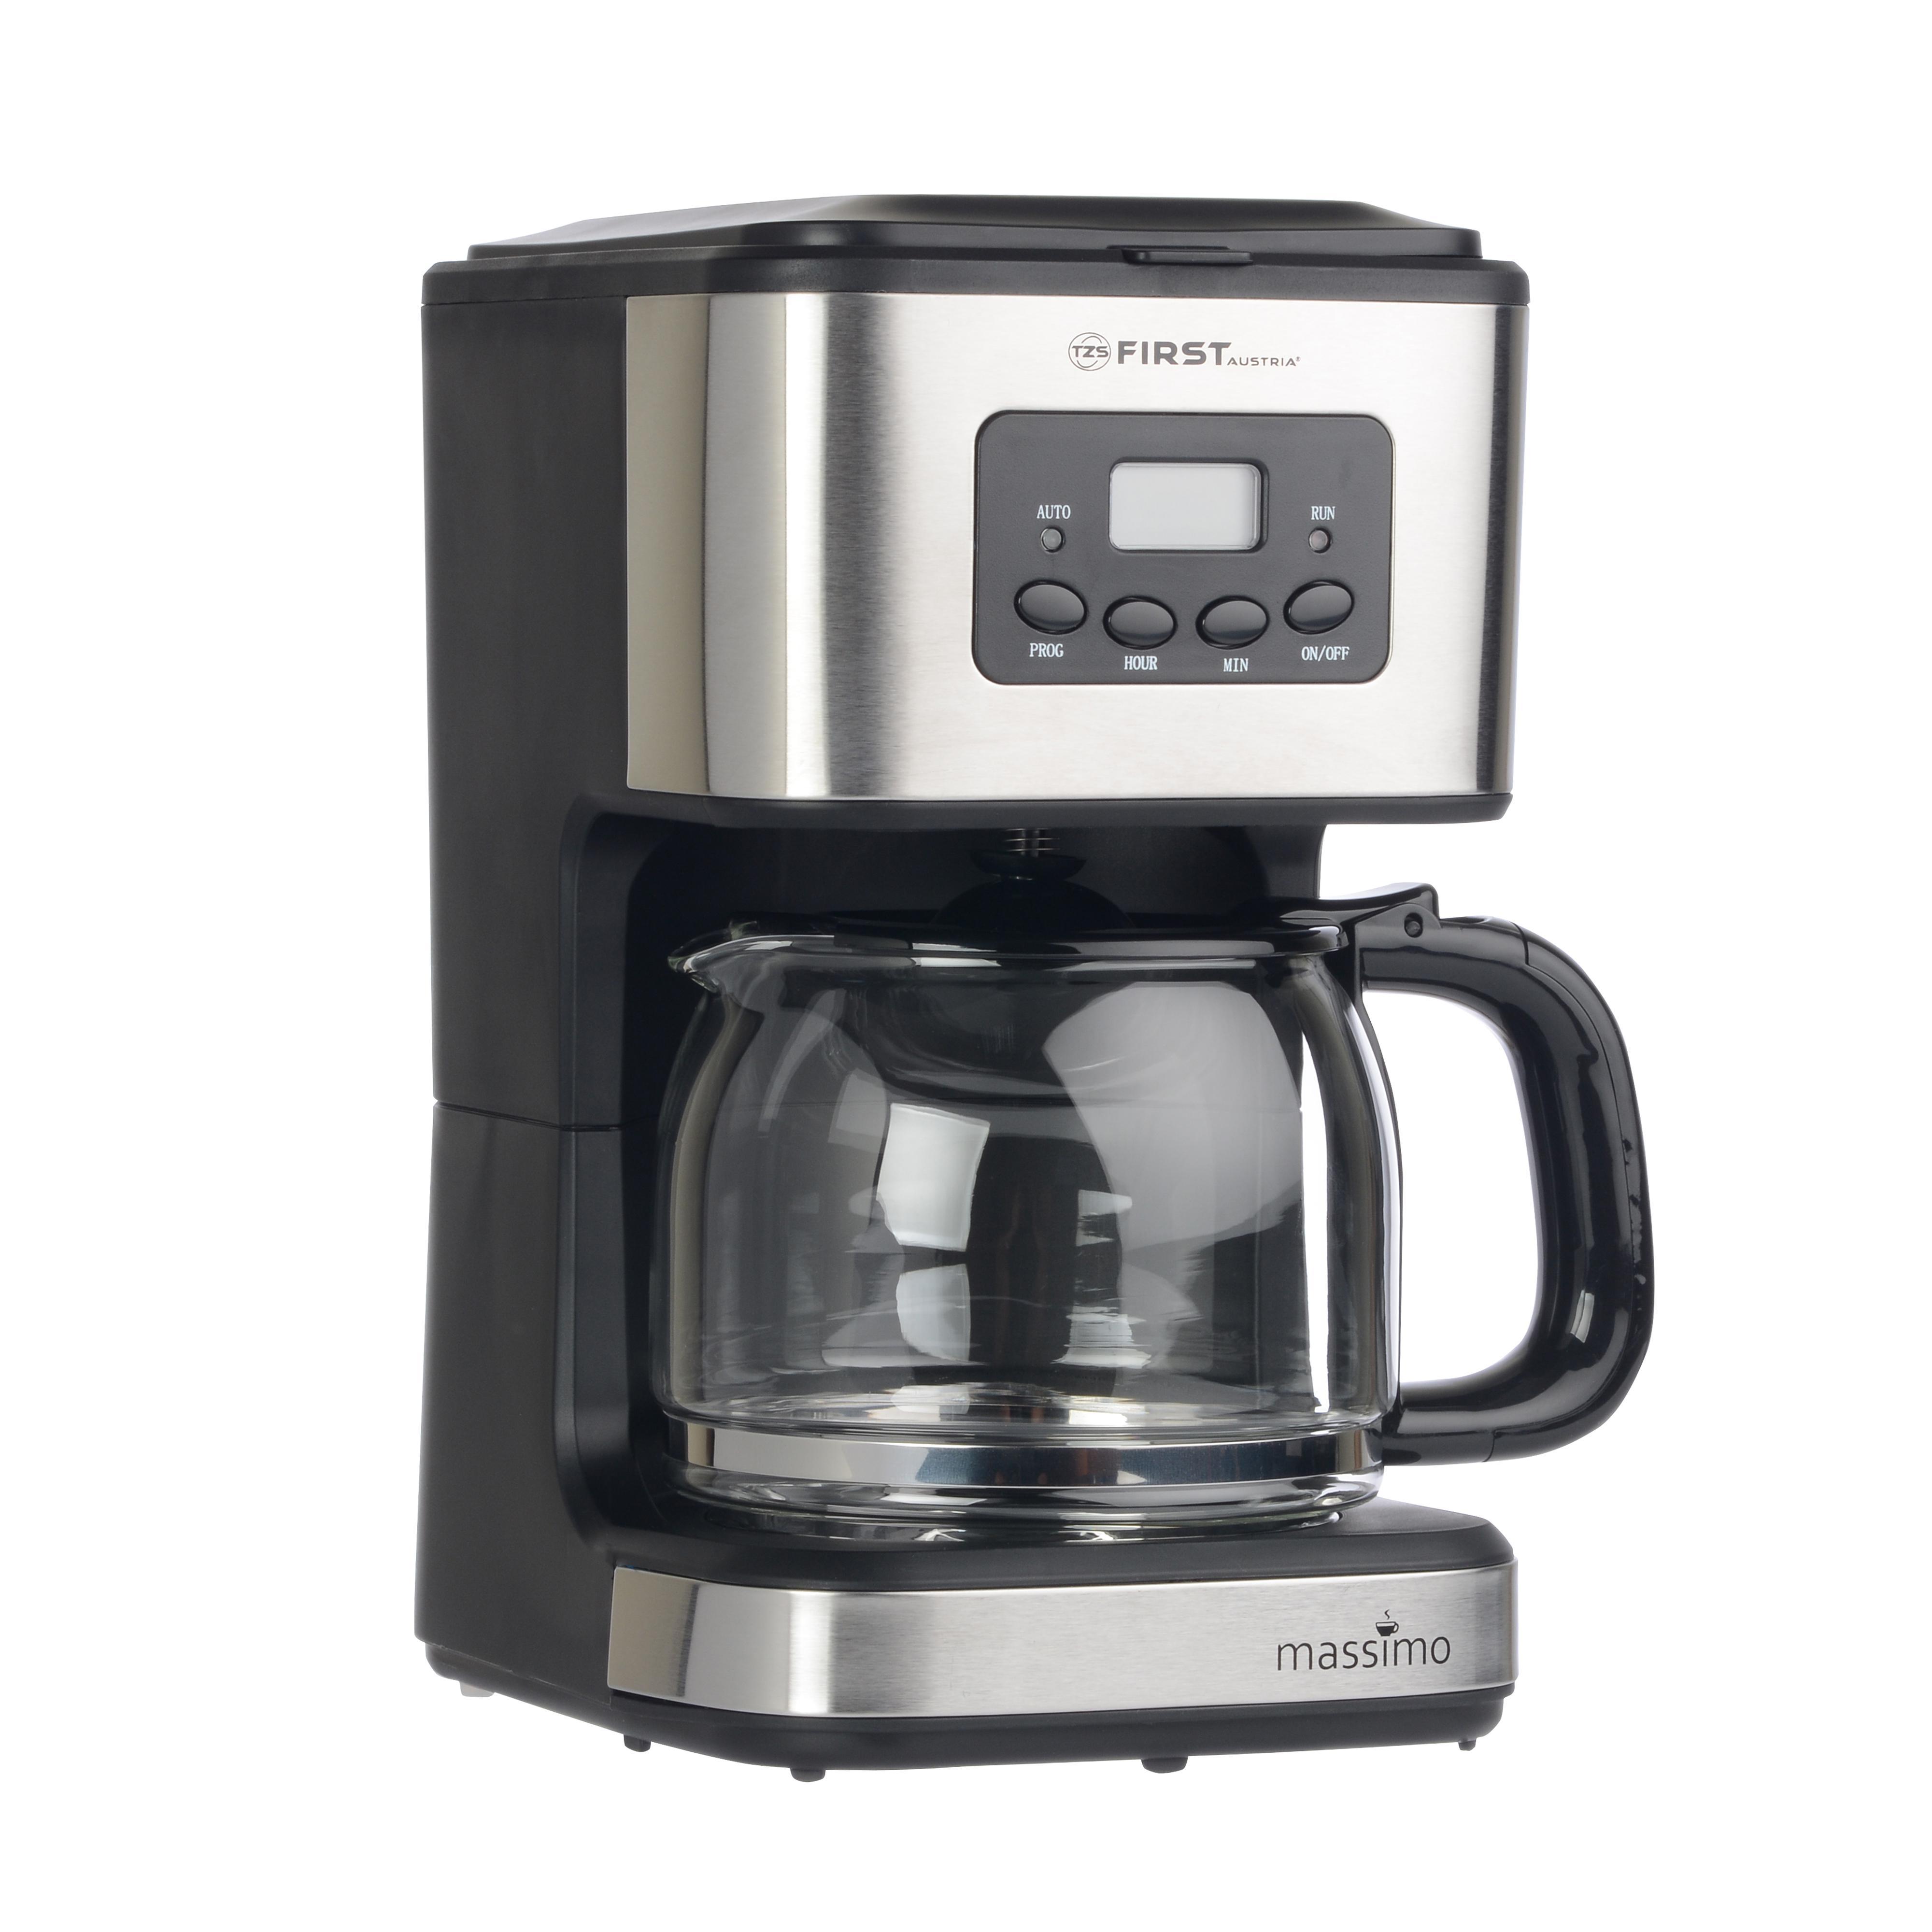 Кофеварка First Fa-5459-4 black неспрессо кофемашины в москве